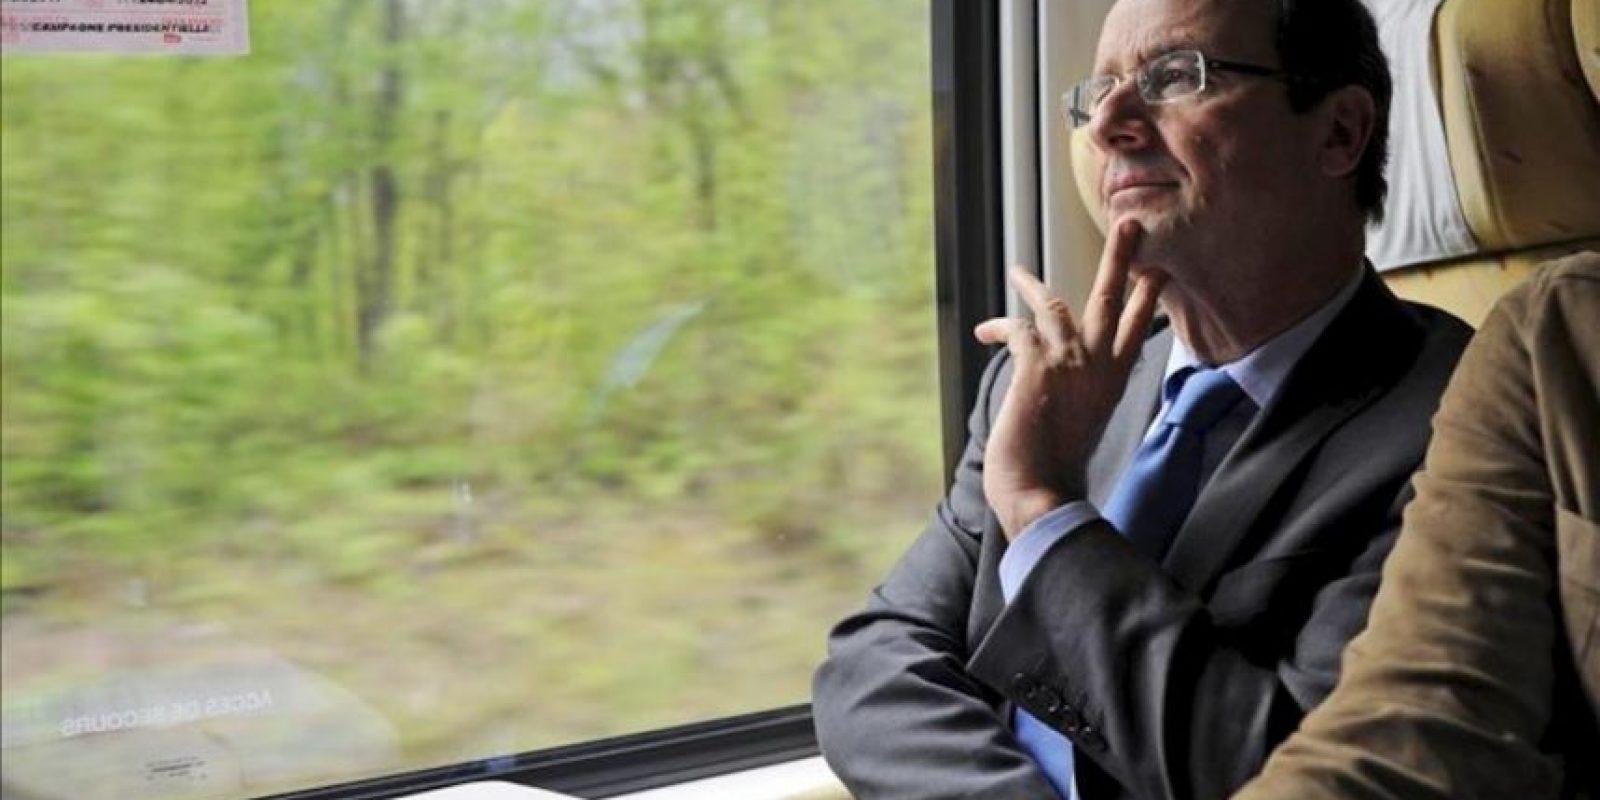 El candidato socialista a la presidencia de Francia, Francois Hollande, escucha a un asesor mientras viaja en un tren desde París con rumbo a un acto de campaña en Vierzon (Francia), hoy, martes 24 de abril de 2012. EFE